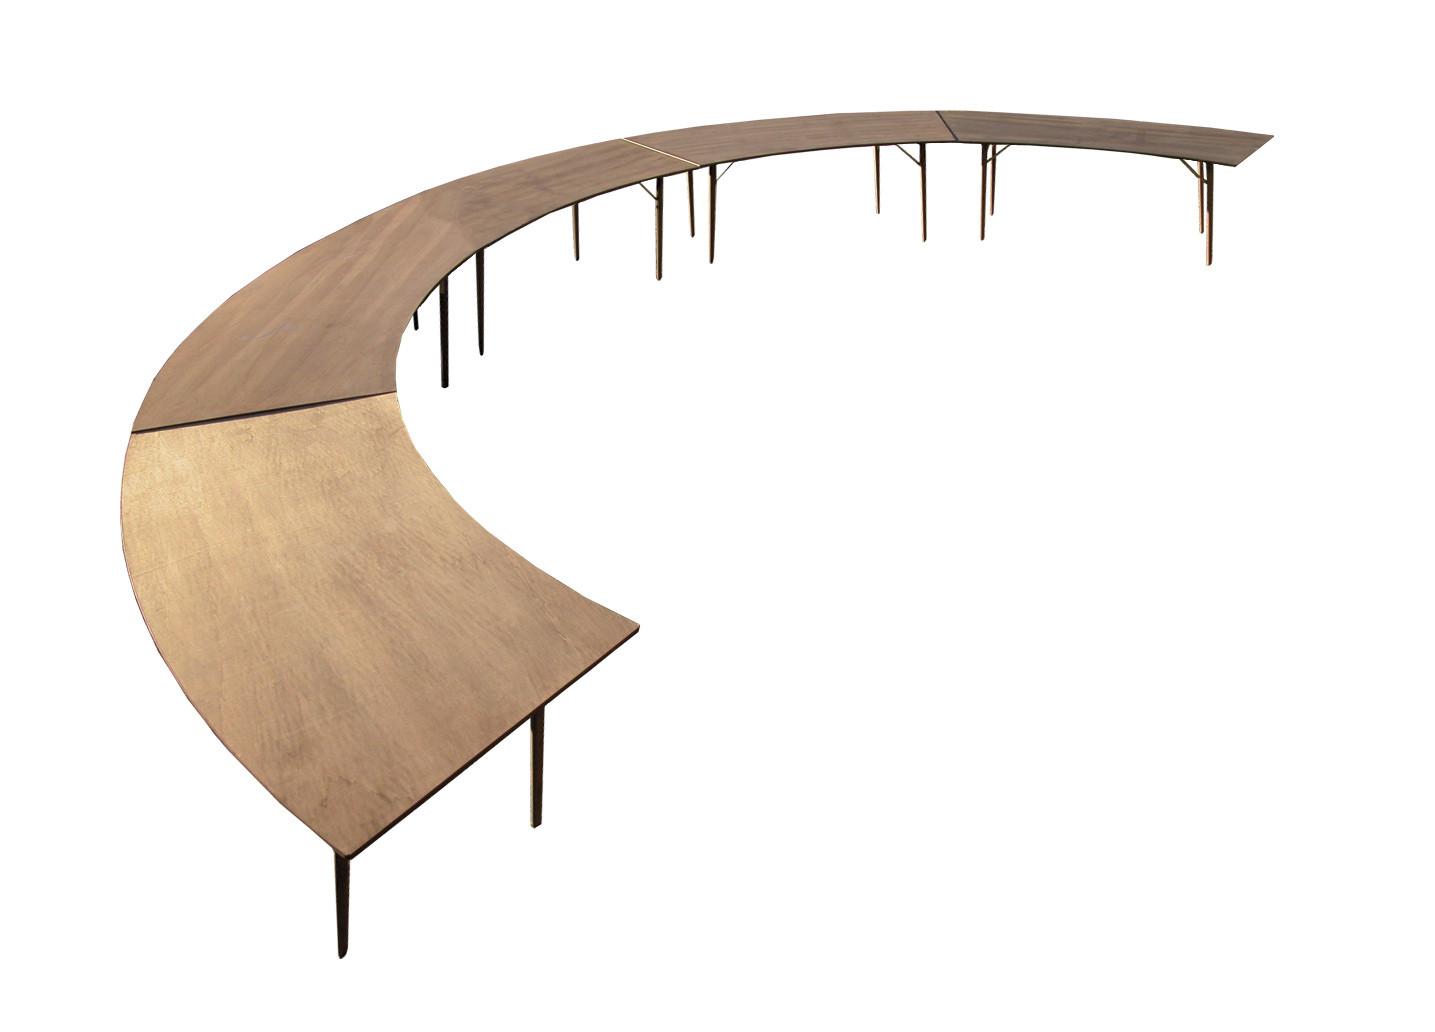 Piccole Cucine A Ferro Di Cavallo  madgeweb.com idee di interior design